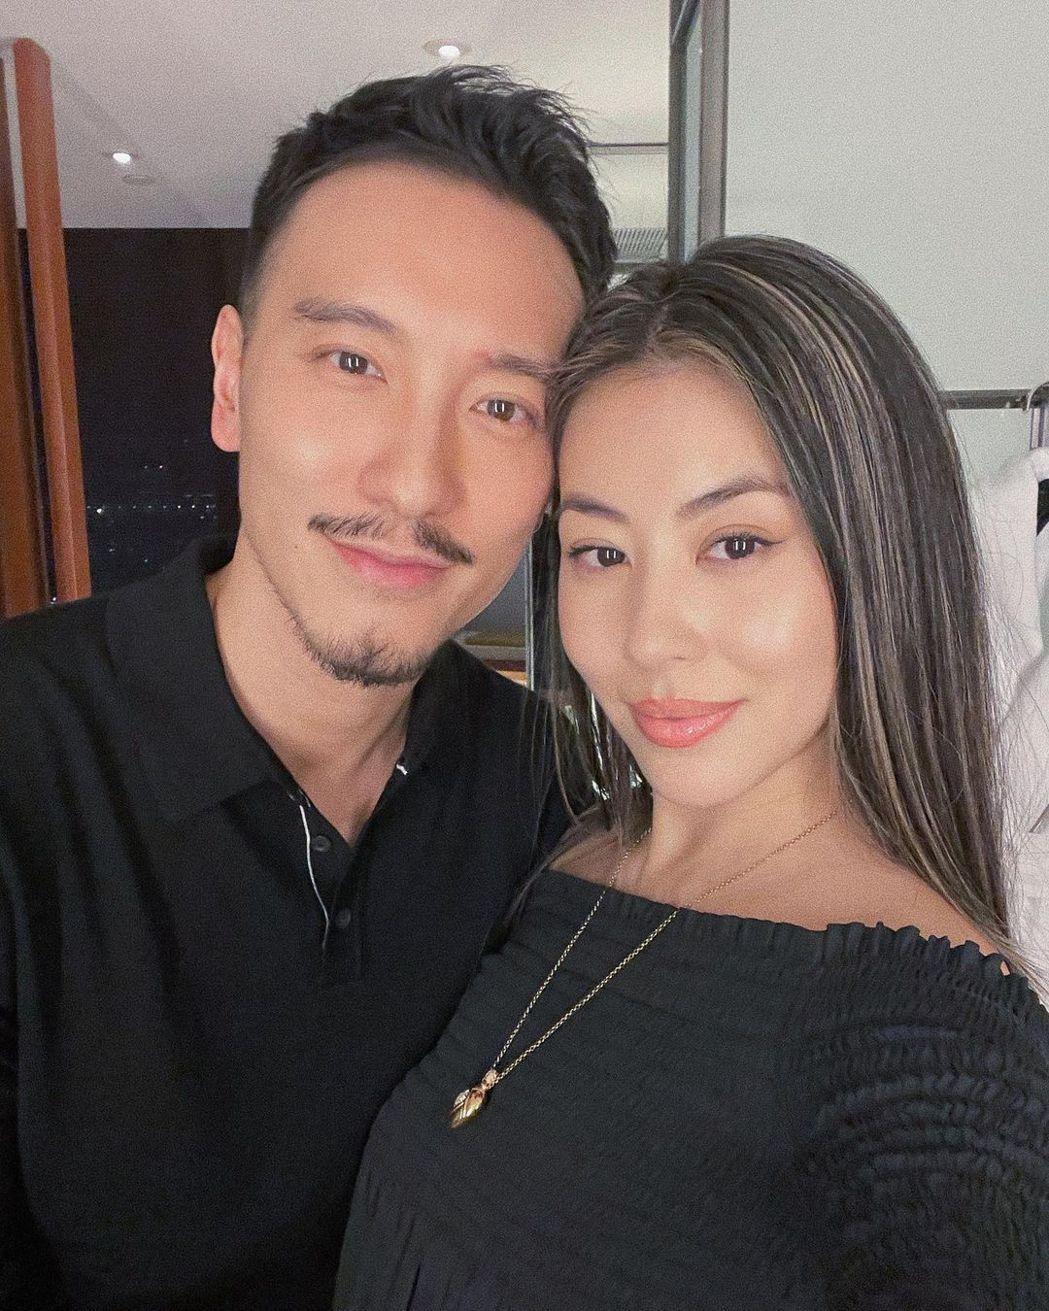 蔡詩芸(右)和老公王陽明常常放閃。圖/摘自IG